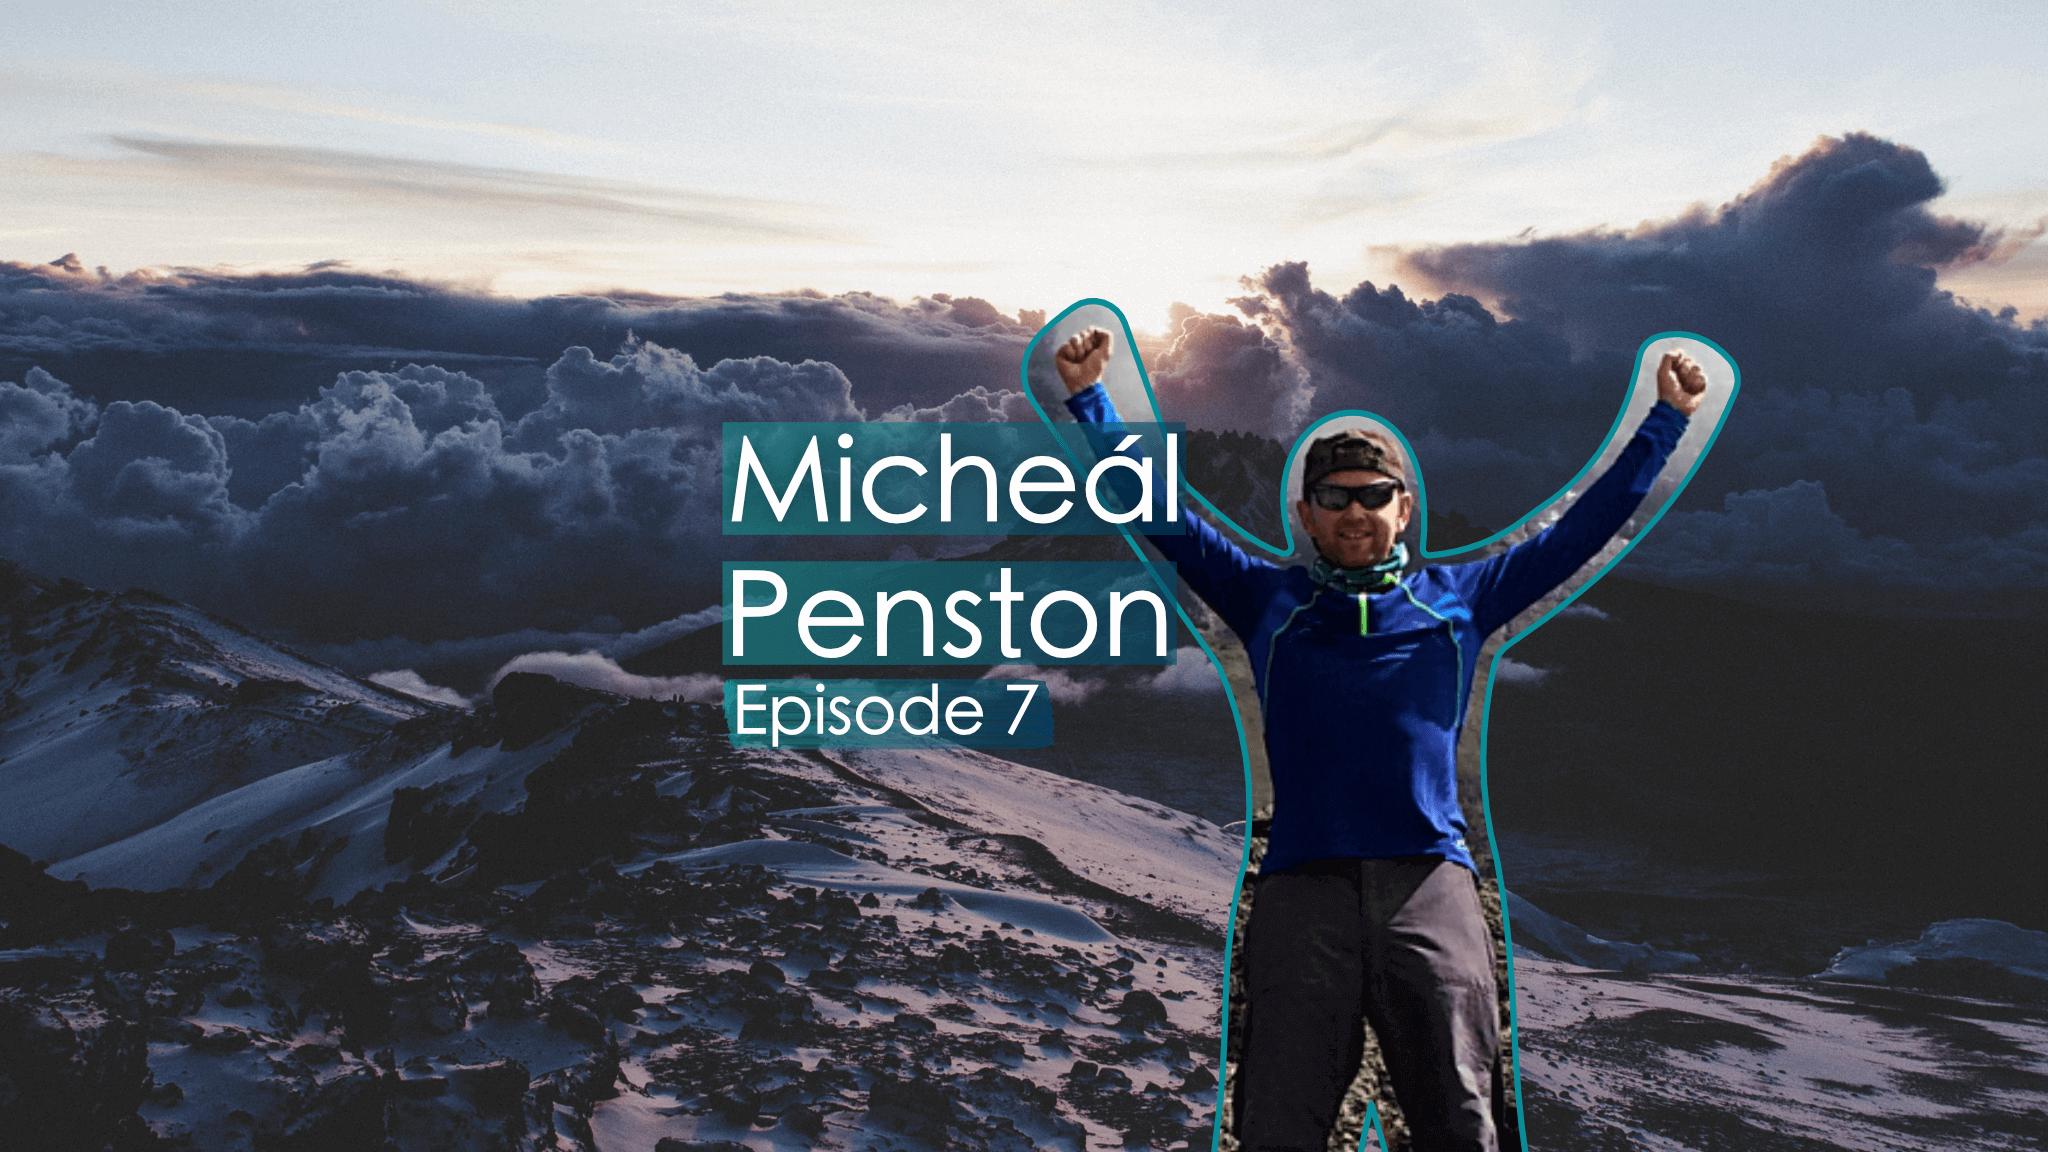 Earth's Edge Podcast Michael Penston